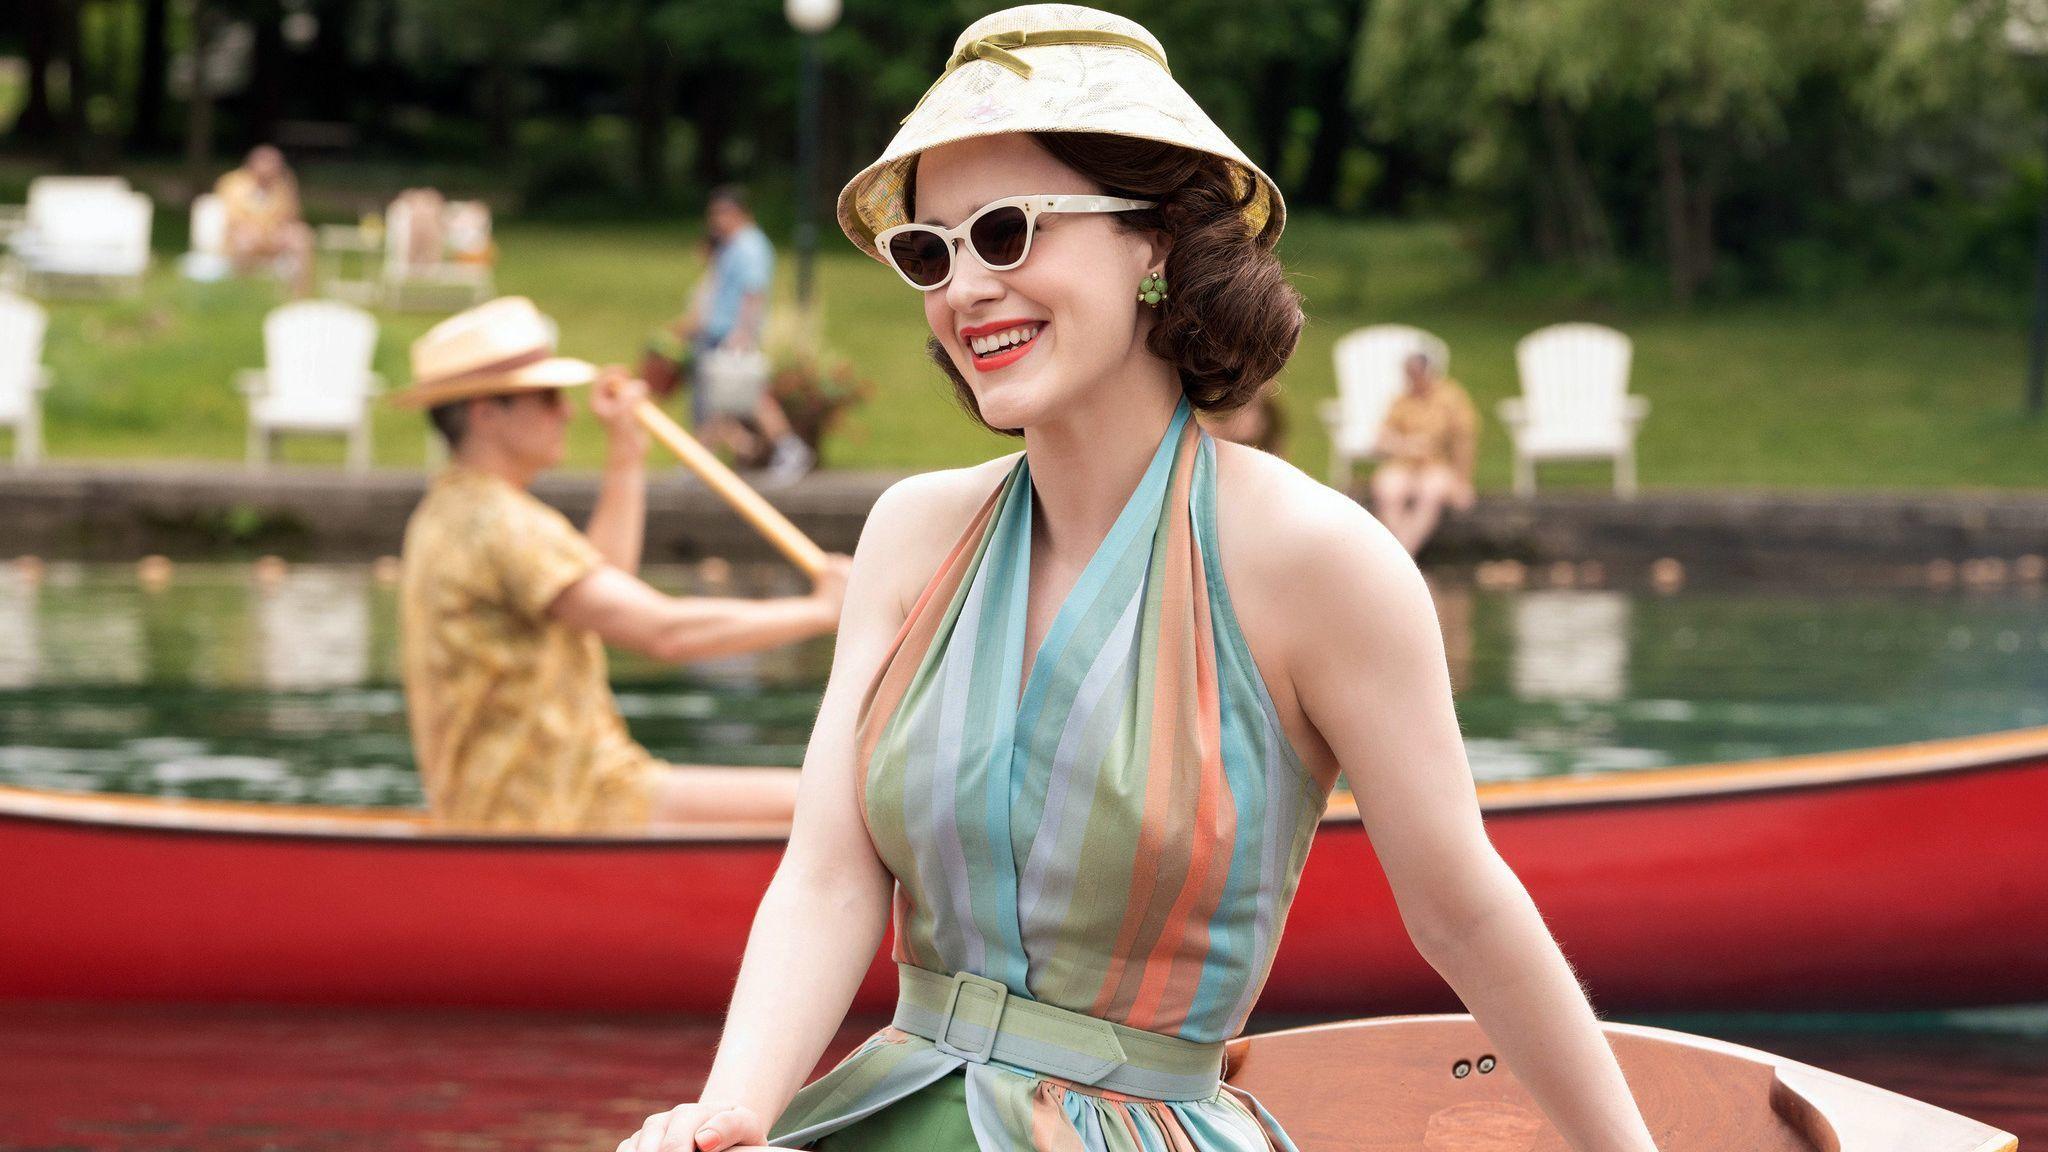 No joke: Amazon series 'The Marvelous Mrs. Maisel' heading to Miami